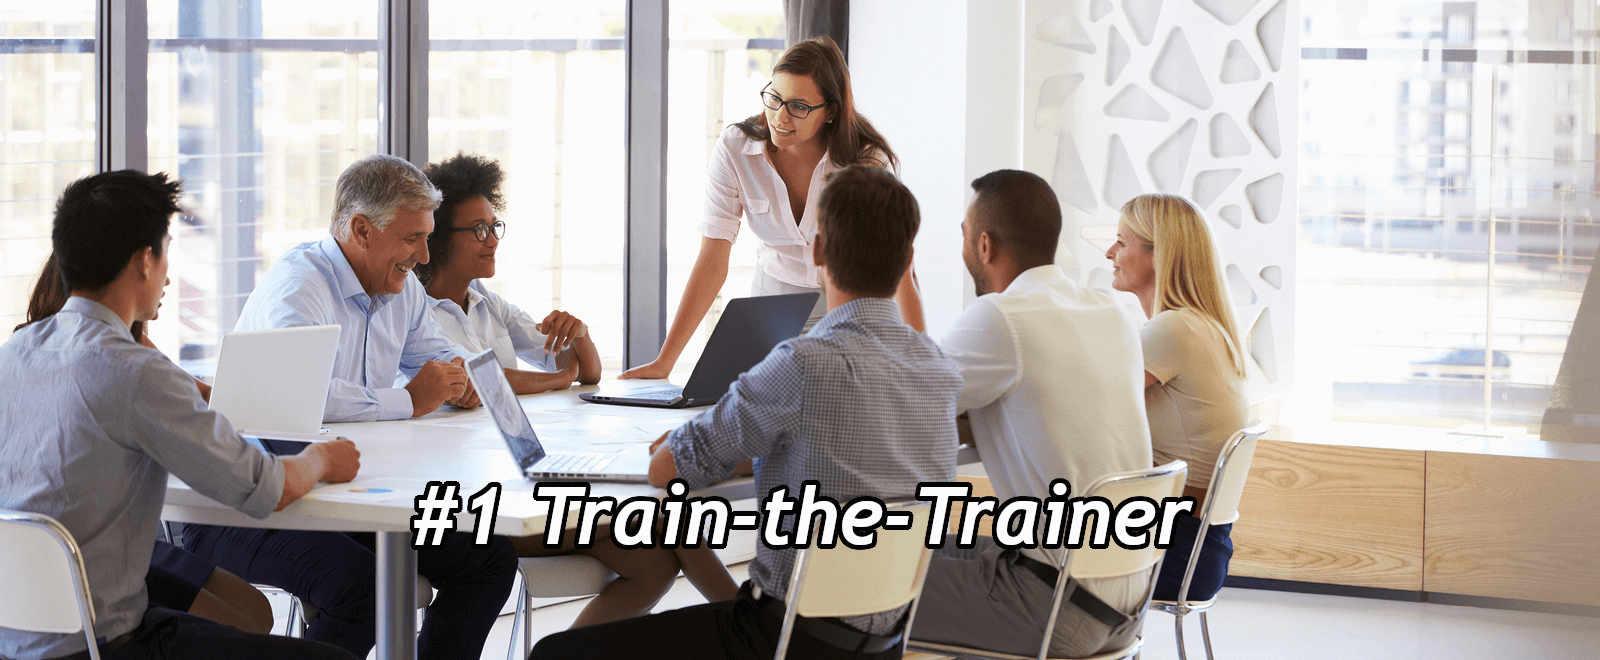 #1 Train-the-Trainer